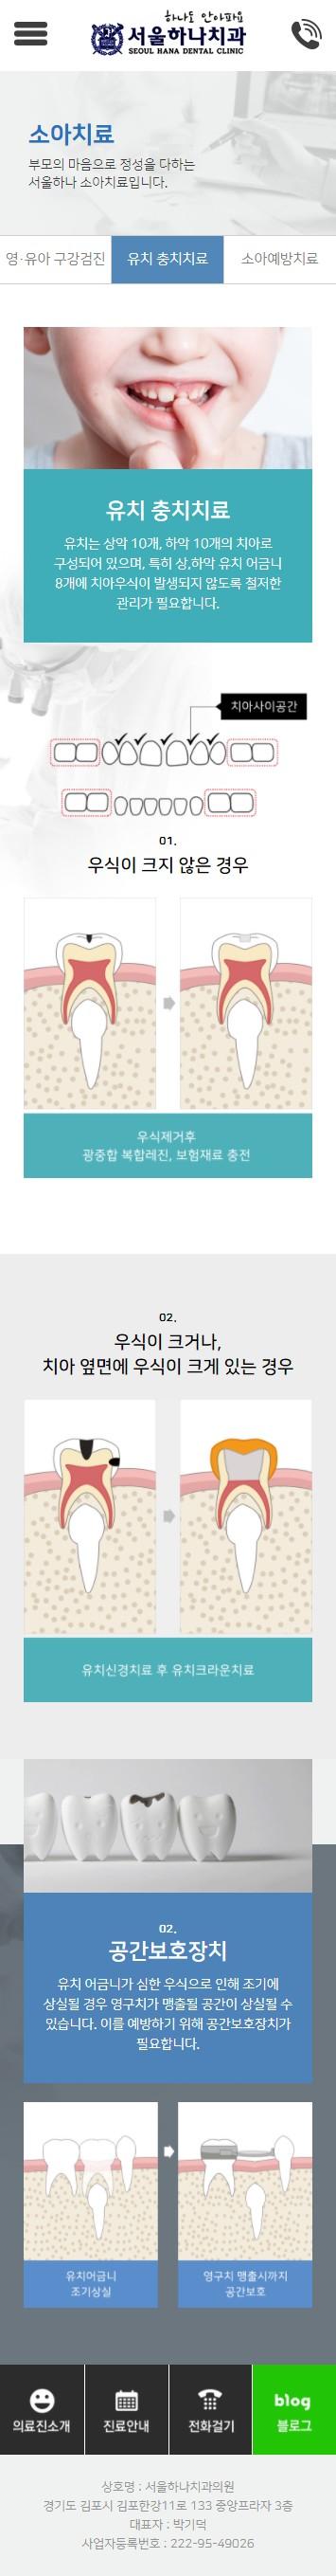 서울하나치과 퍼블리싱